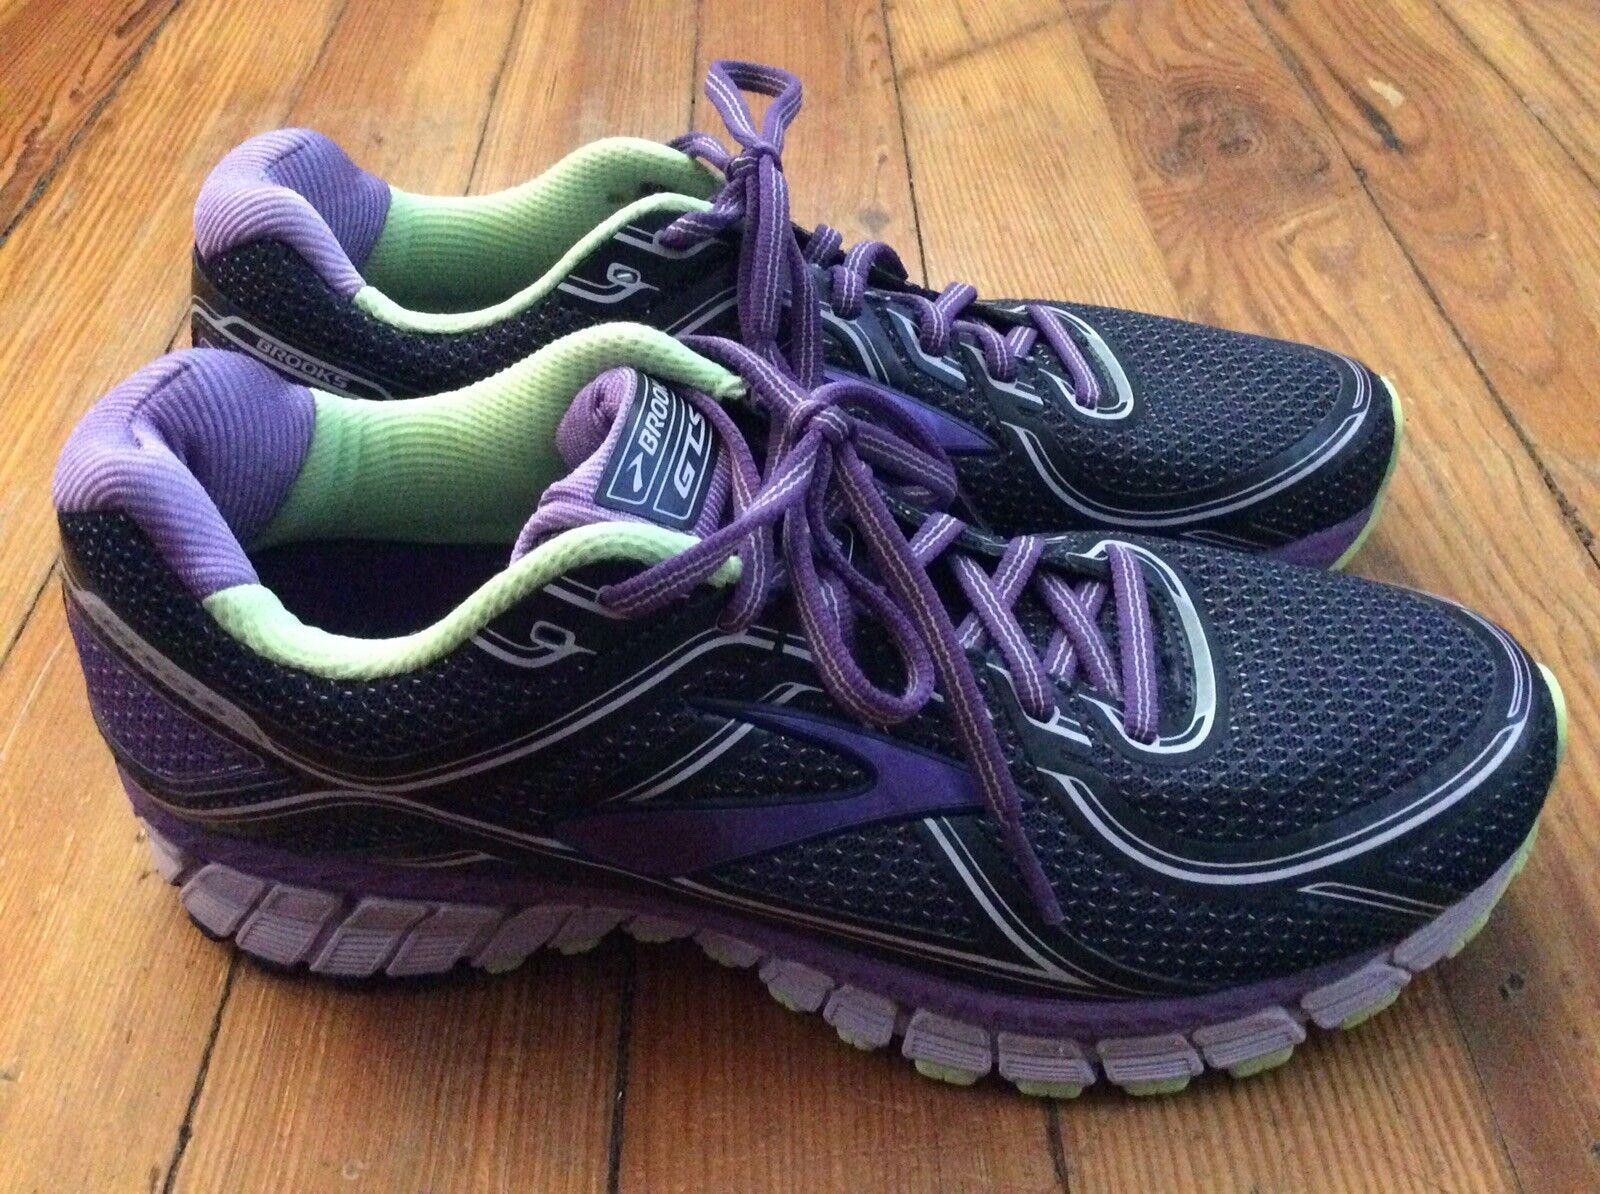 NEW Brooks Adrenaline GTS 16 Women's shoes - Purple - Sz 11 D M Mismatched